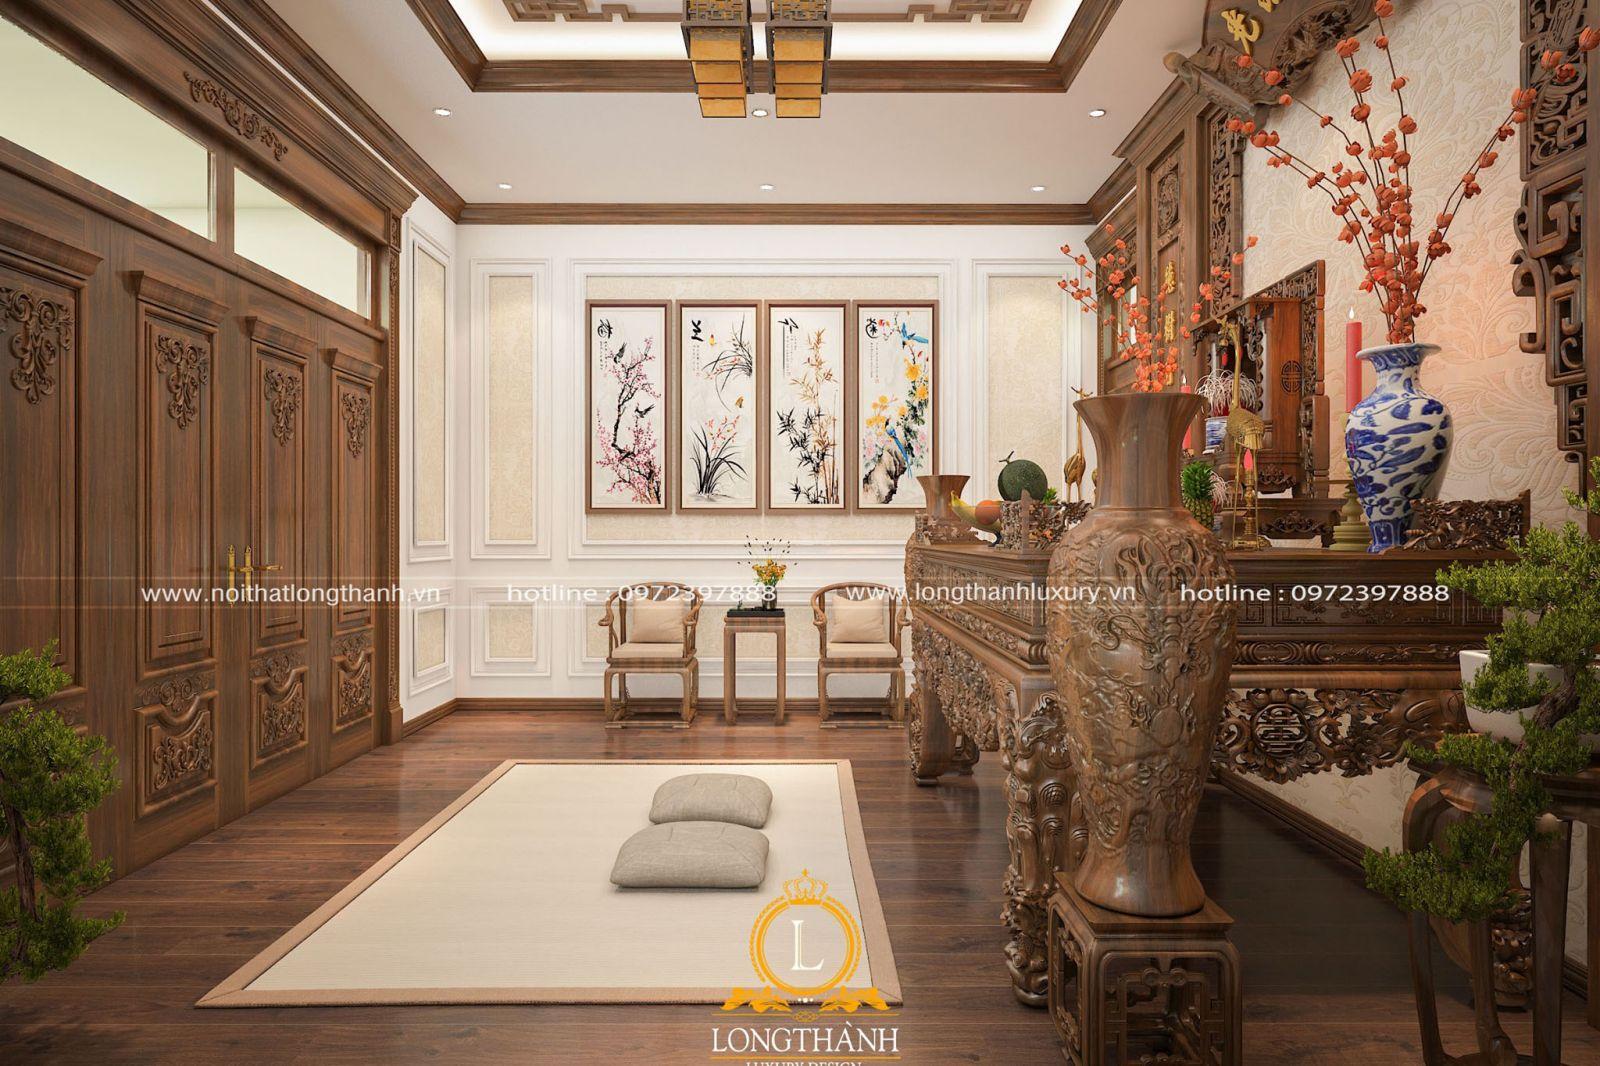 Phòng thờ ấm cúng với thiết kế tân cổ điển